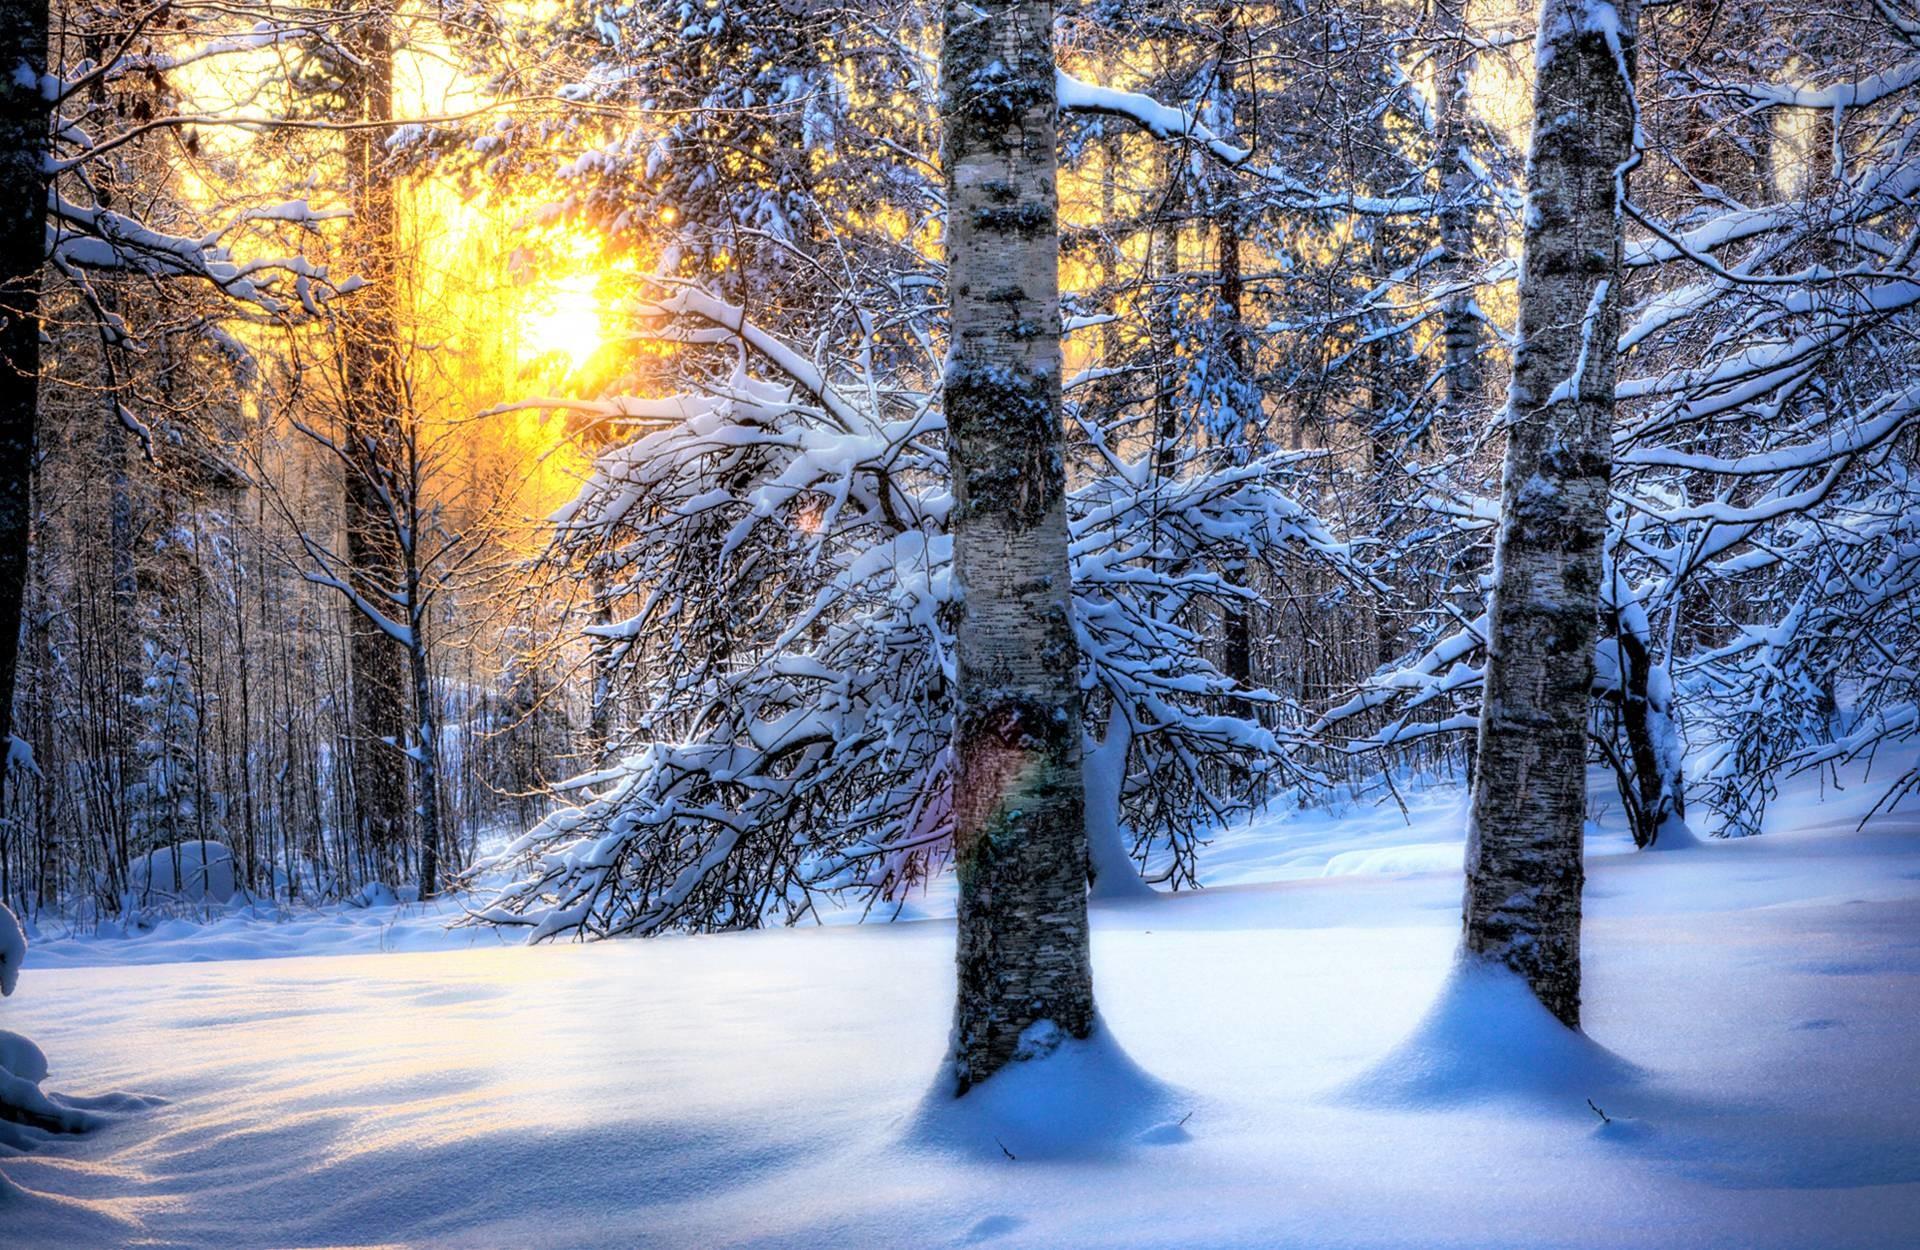 Winter Background HD desktop wallpaper : High Definition Winter Backgrounds  For Desktop Wallpapers)